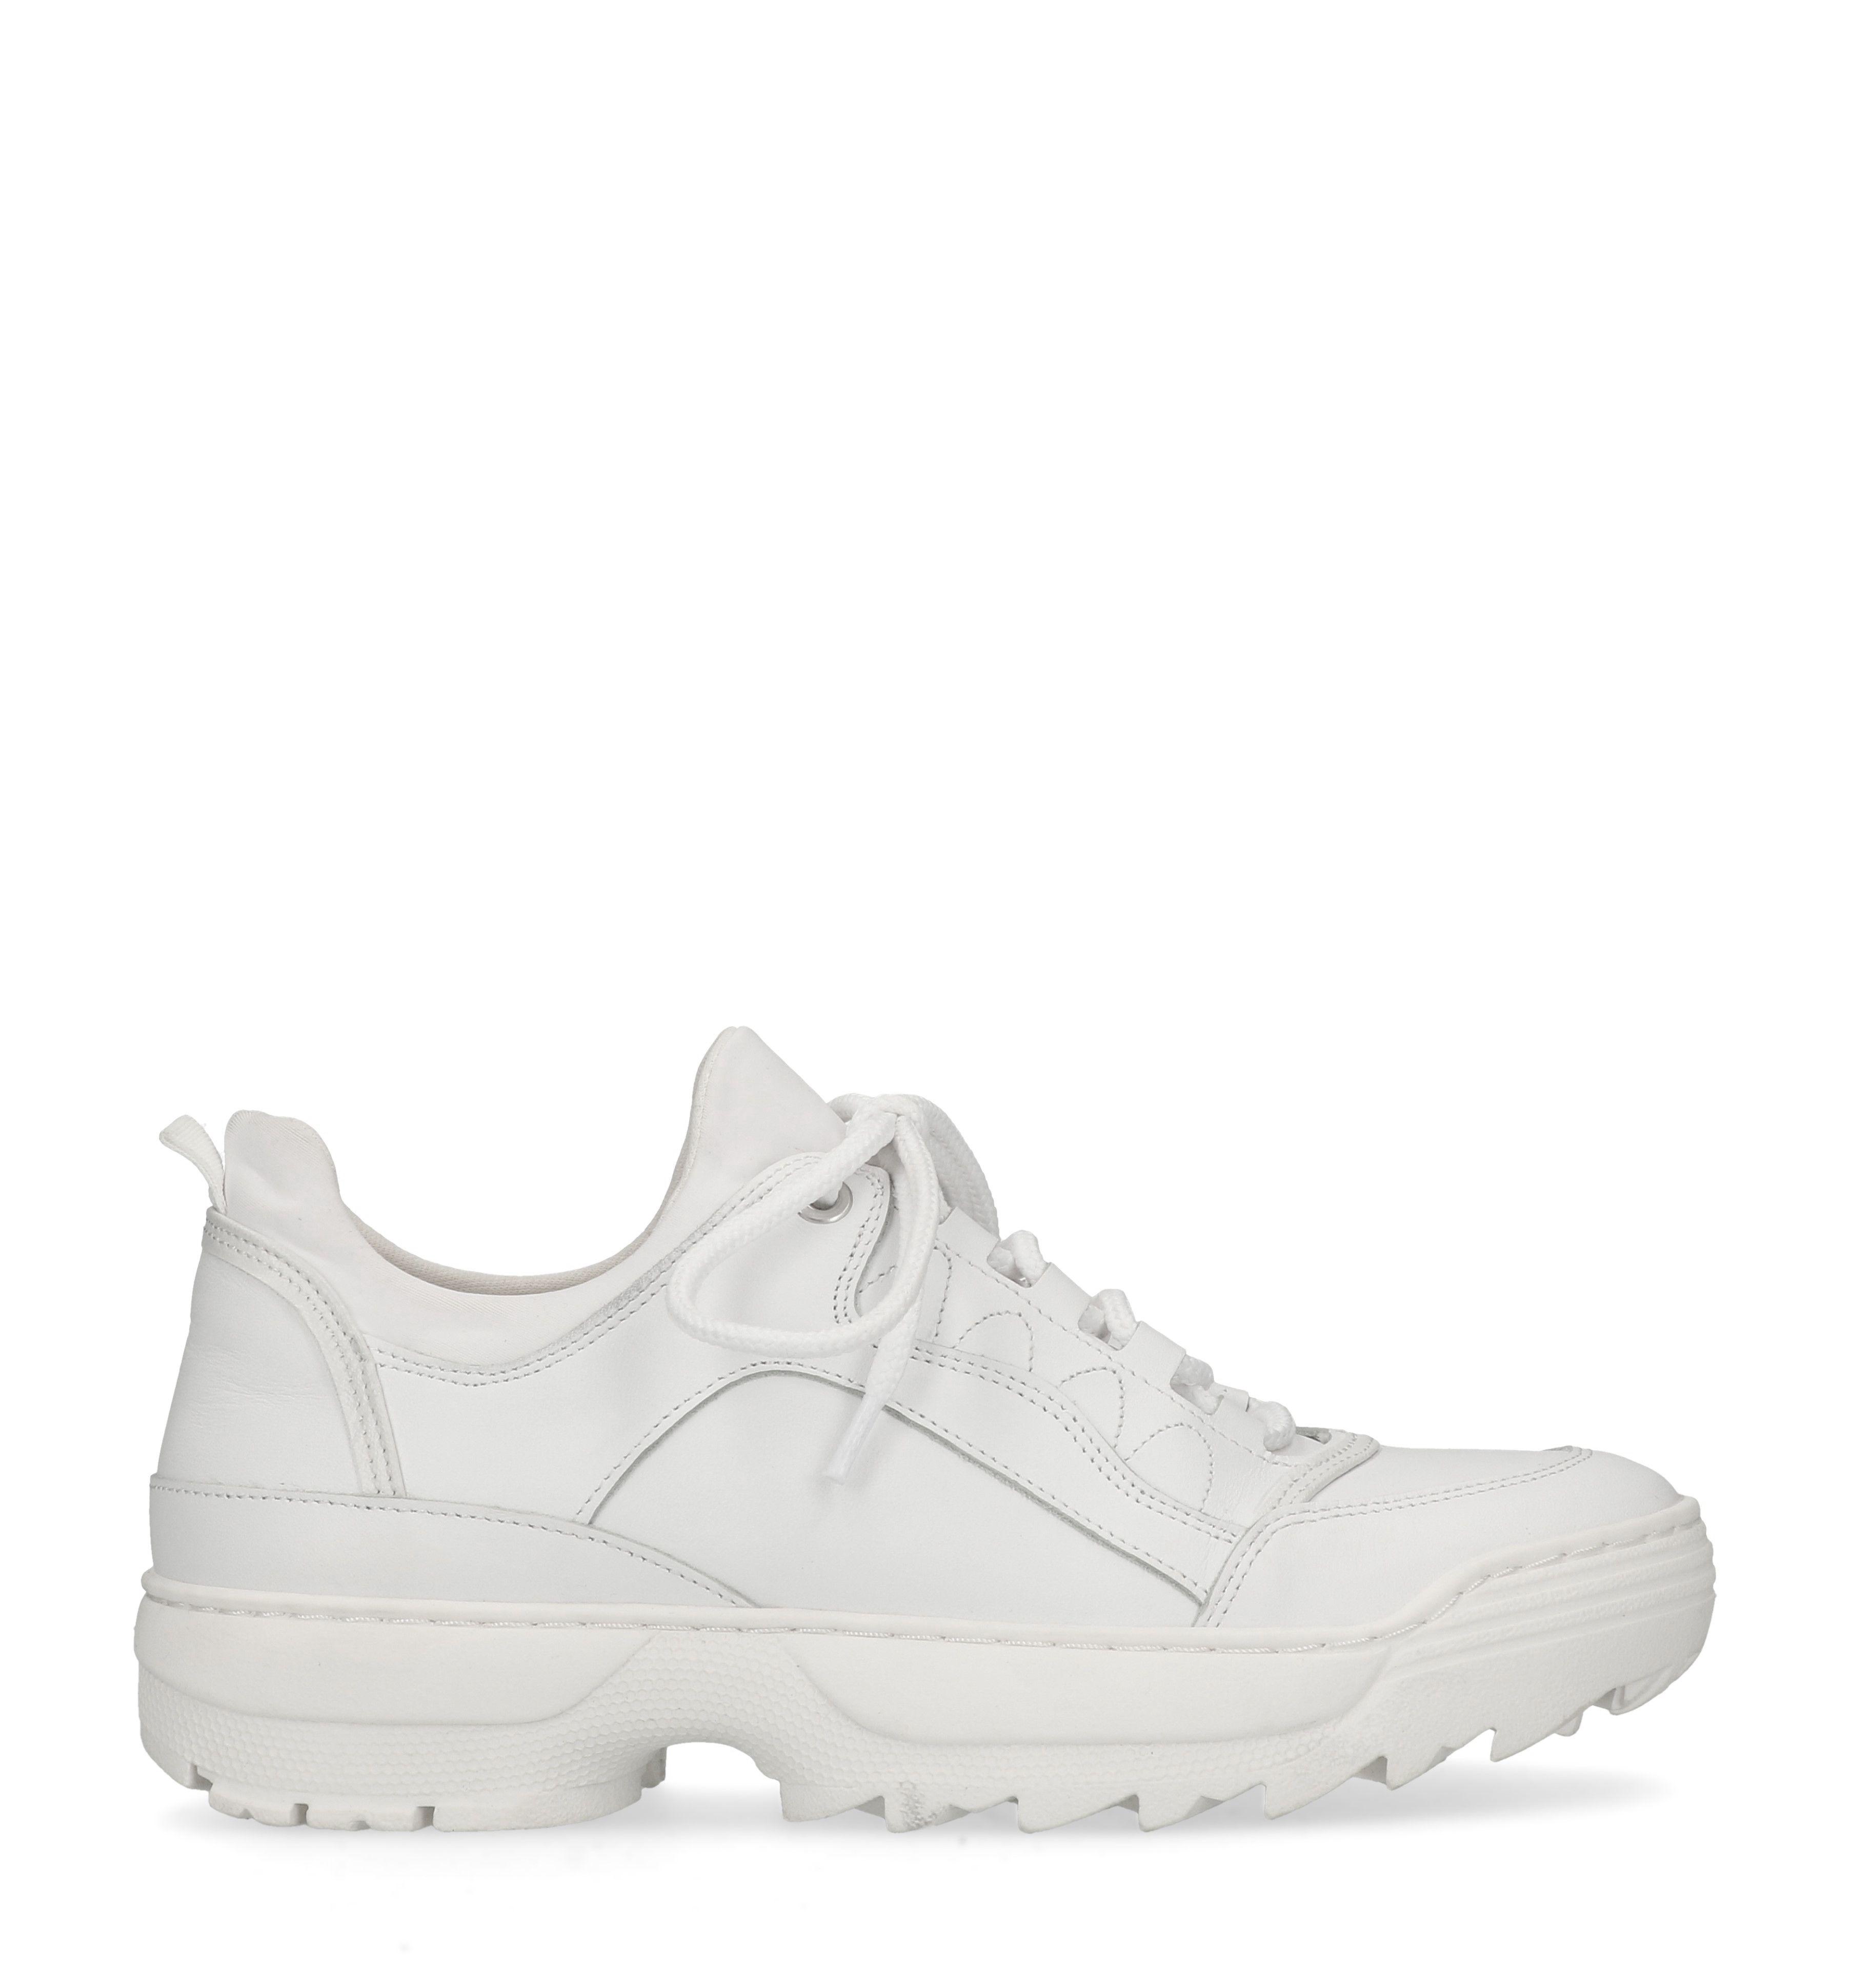 Dad shoes avec semelle blanche - ocre (36,37,38,39,40,41)